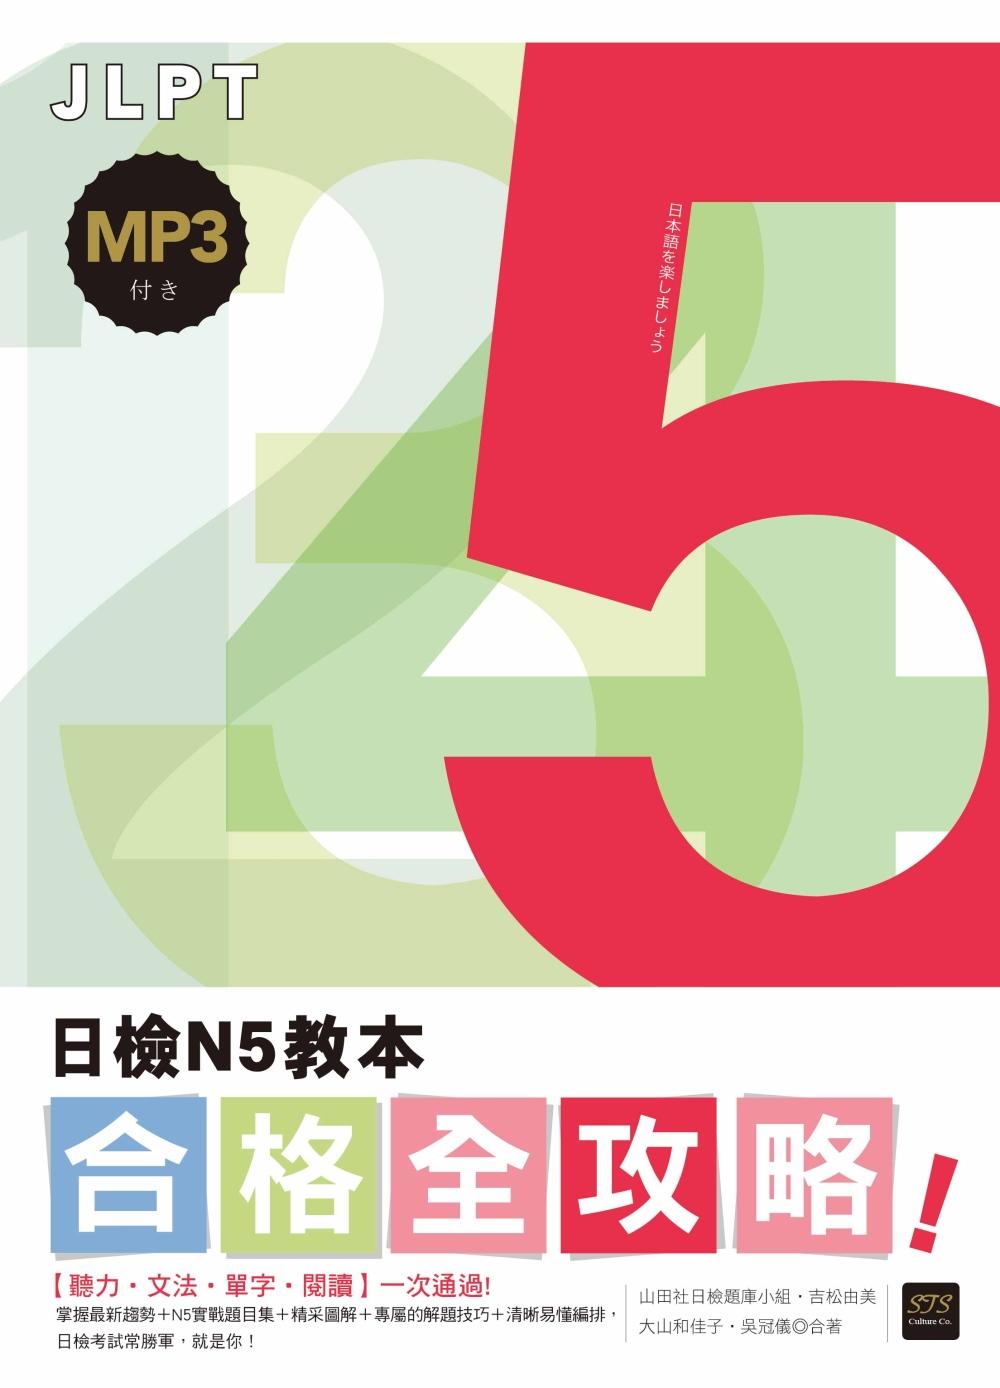 合格全攻略!日檢N5教本—【聽力.文法.單字.閱讀】, 一次通過!(16K+MP3)